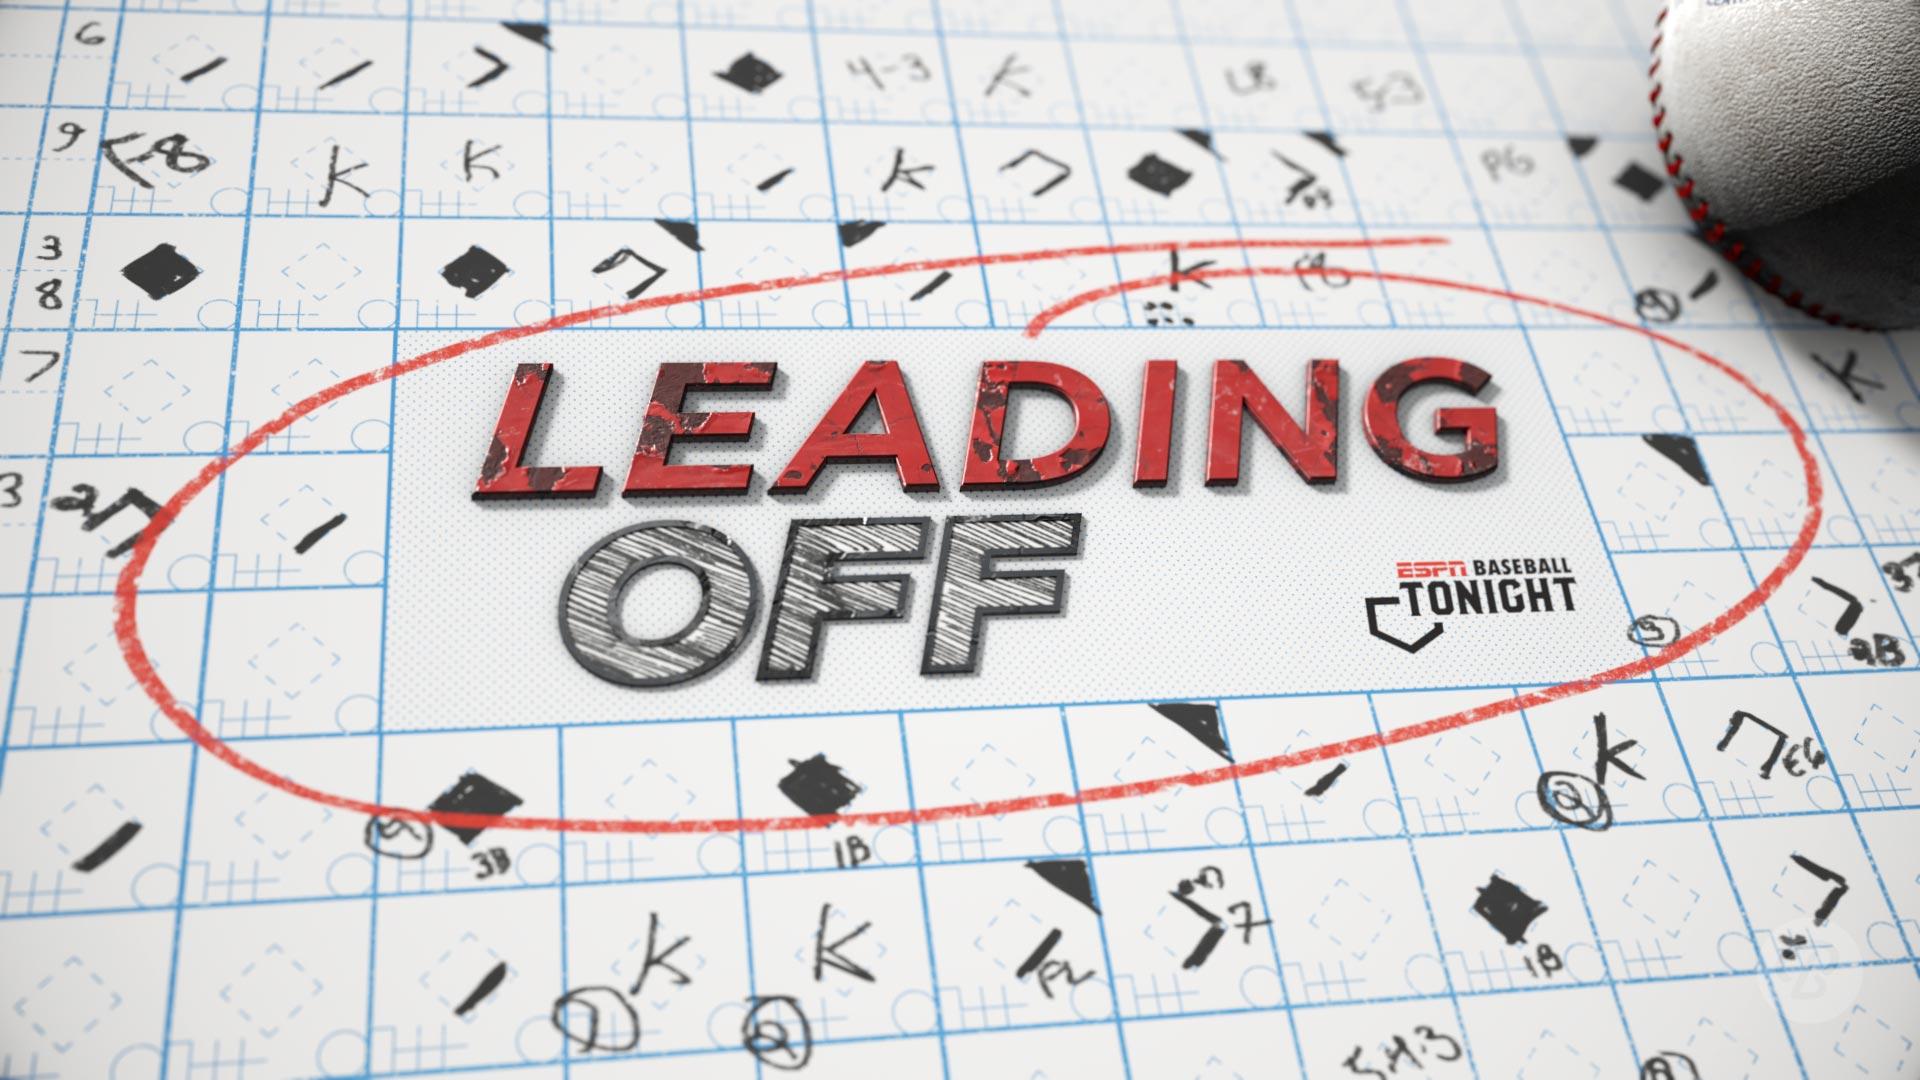 leading_off_frame_03_v03_00001.jpg